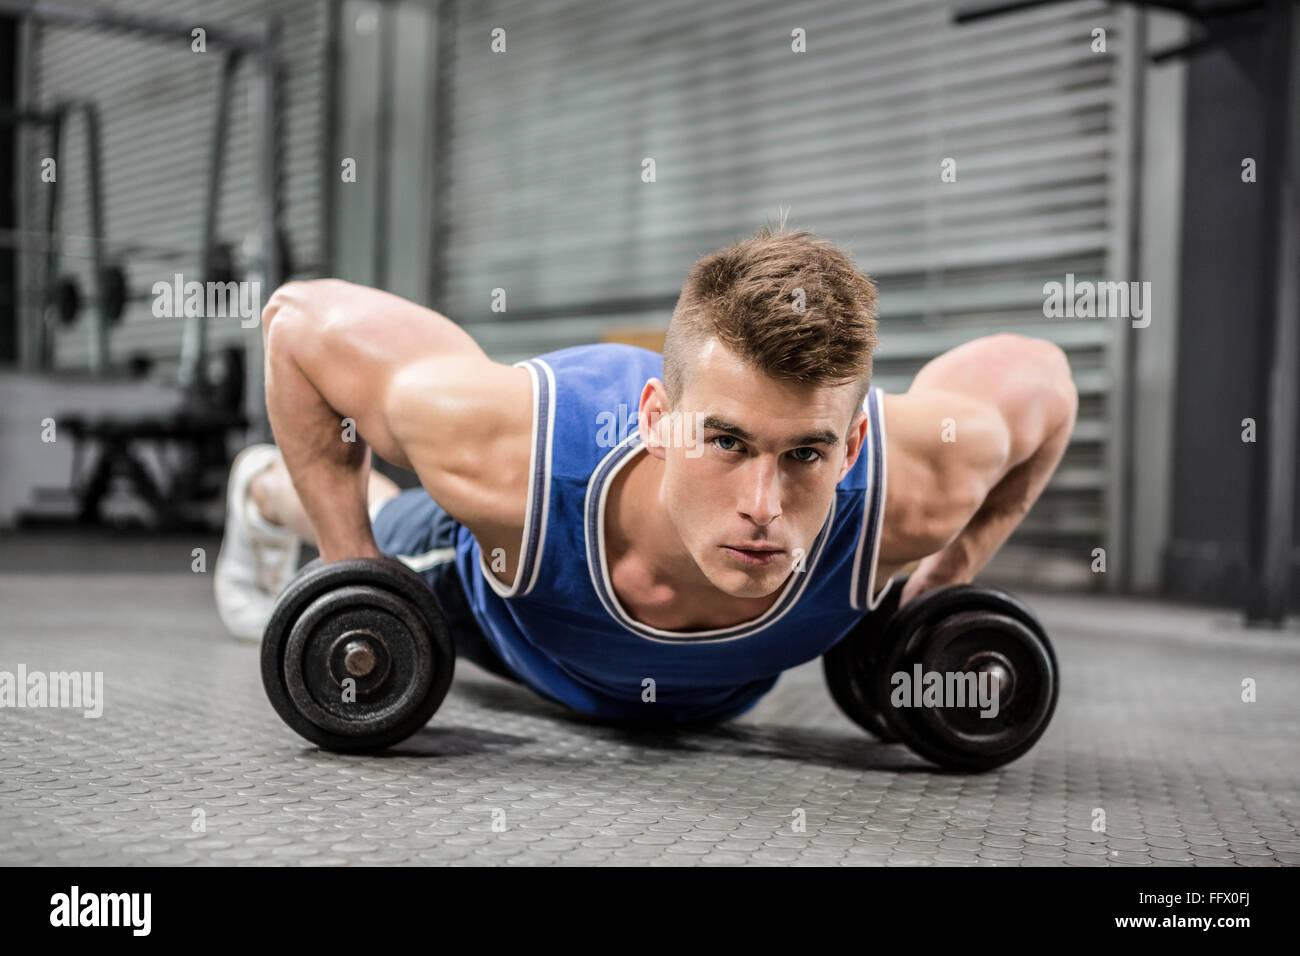 L'homme musclé faisant push up with dumbbells Banque D'Images